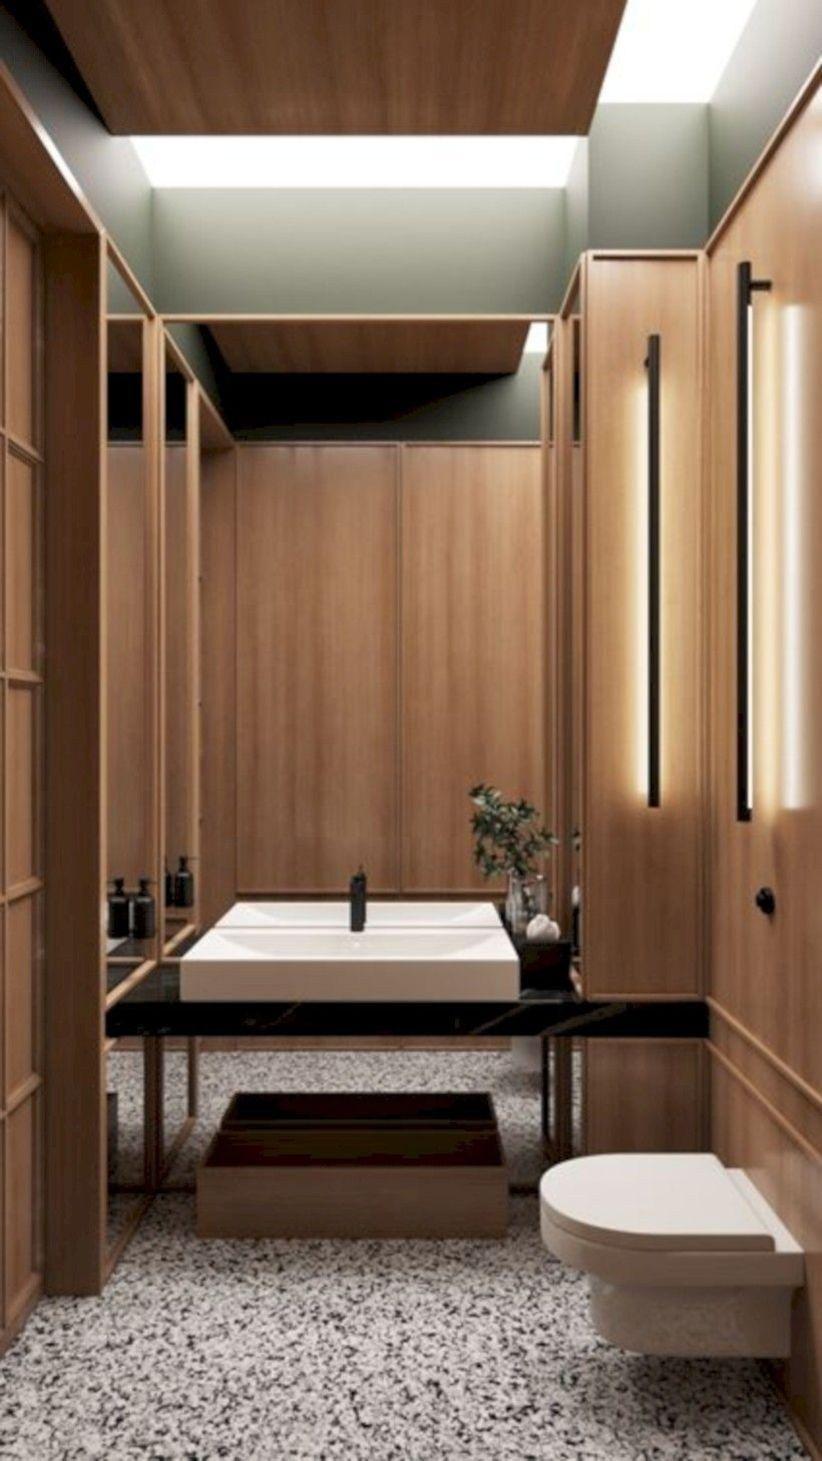 Captivating Public Bathroom Design Ideas 29 Restroom Design